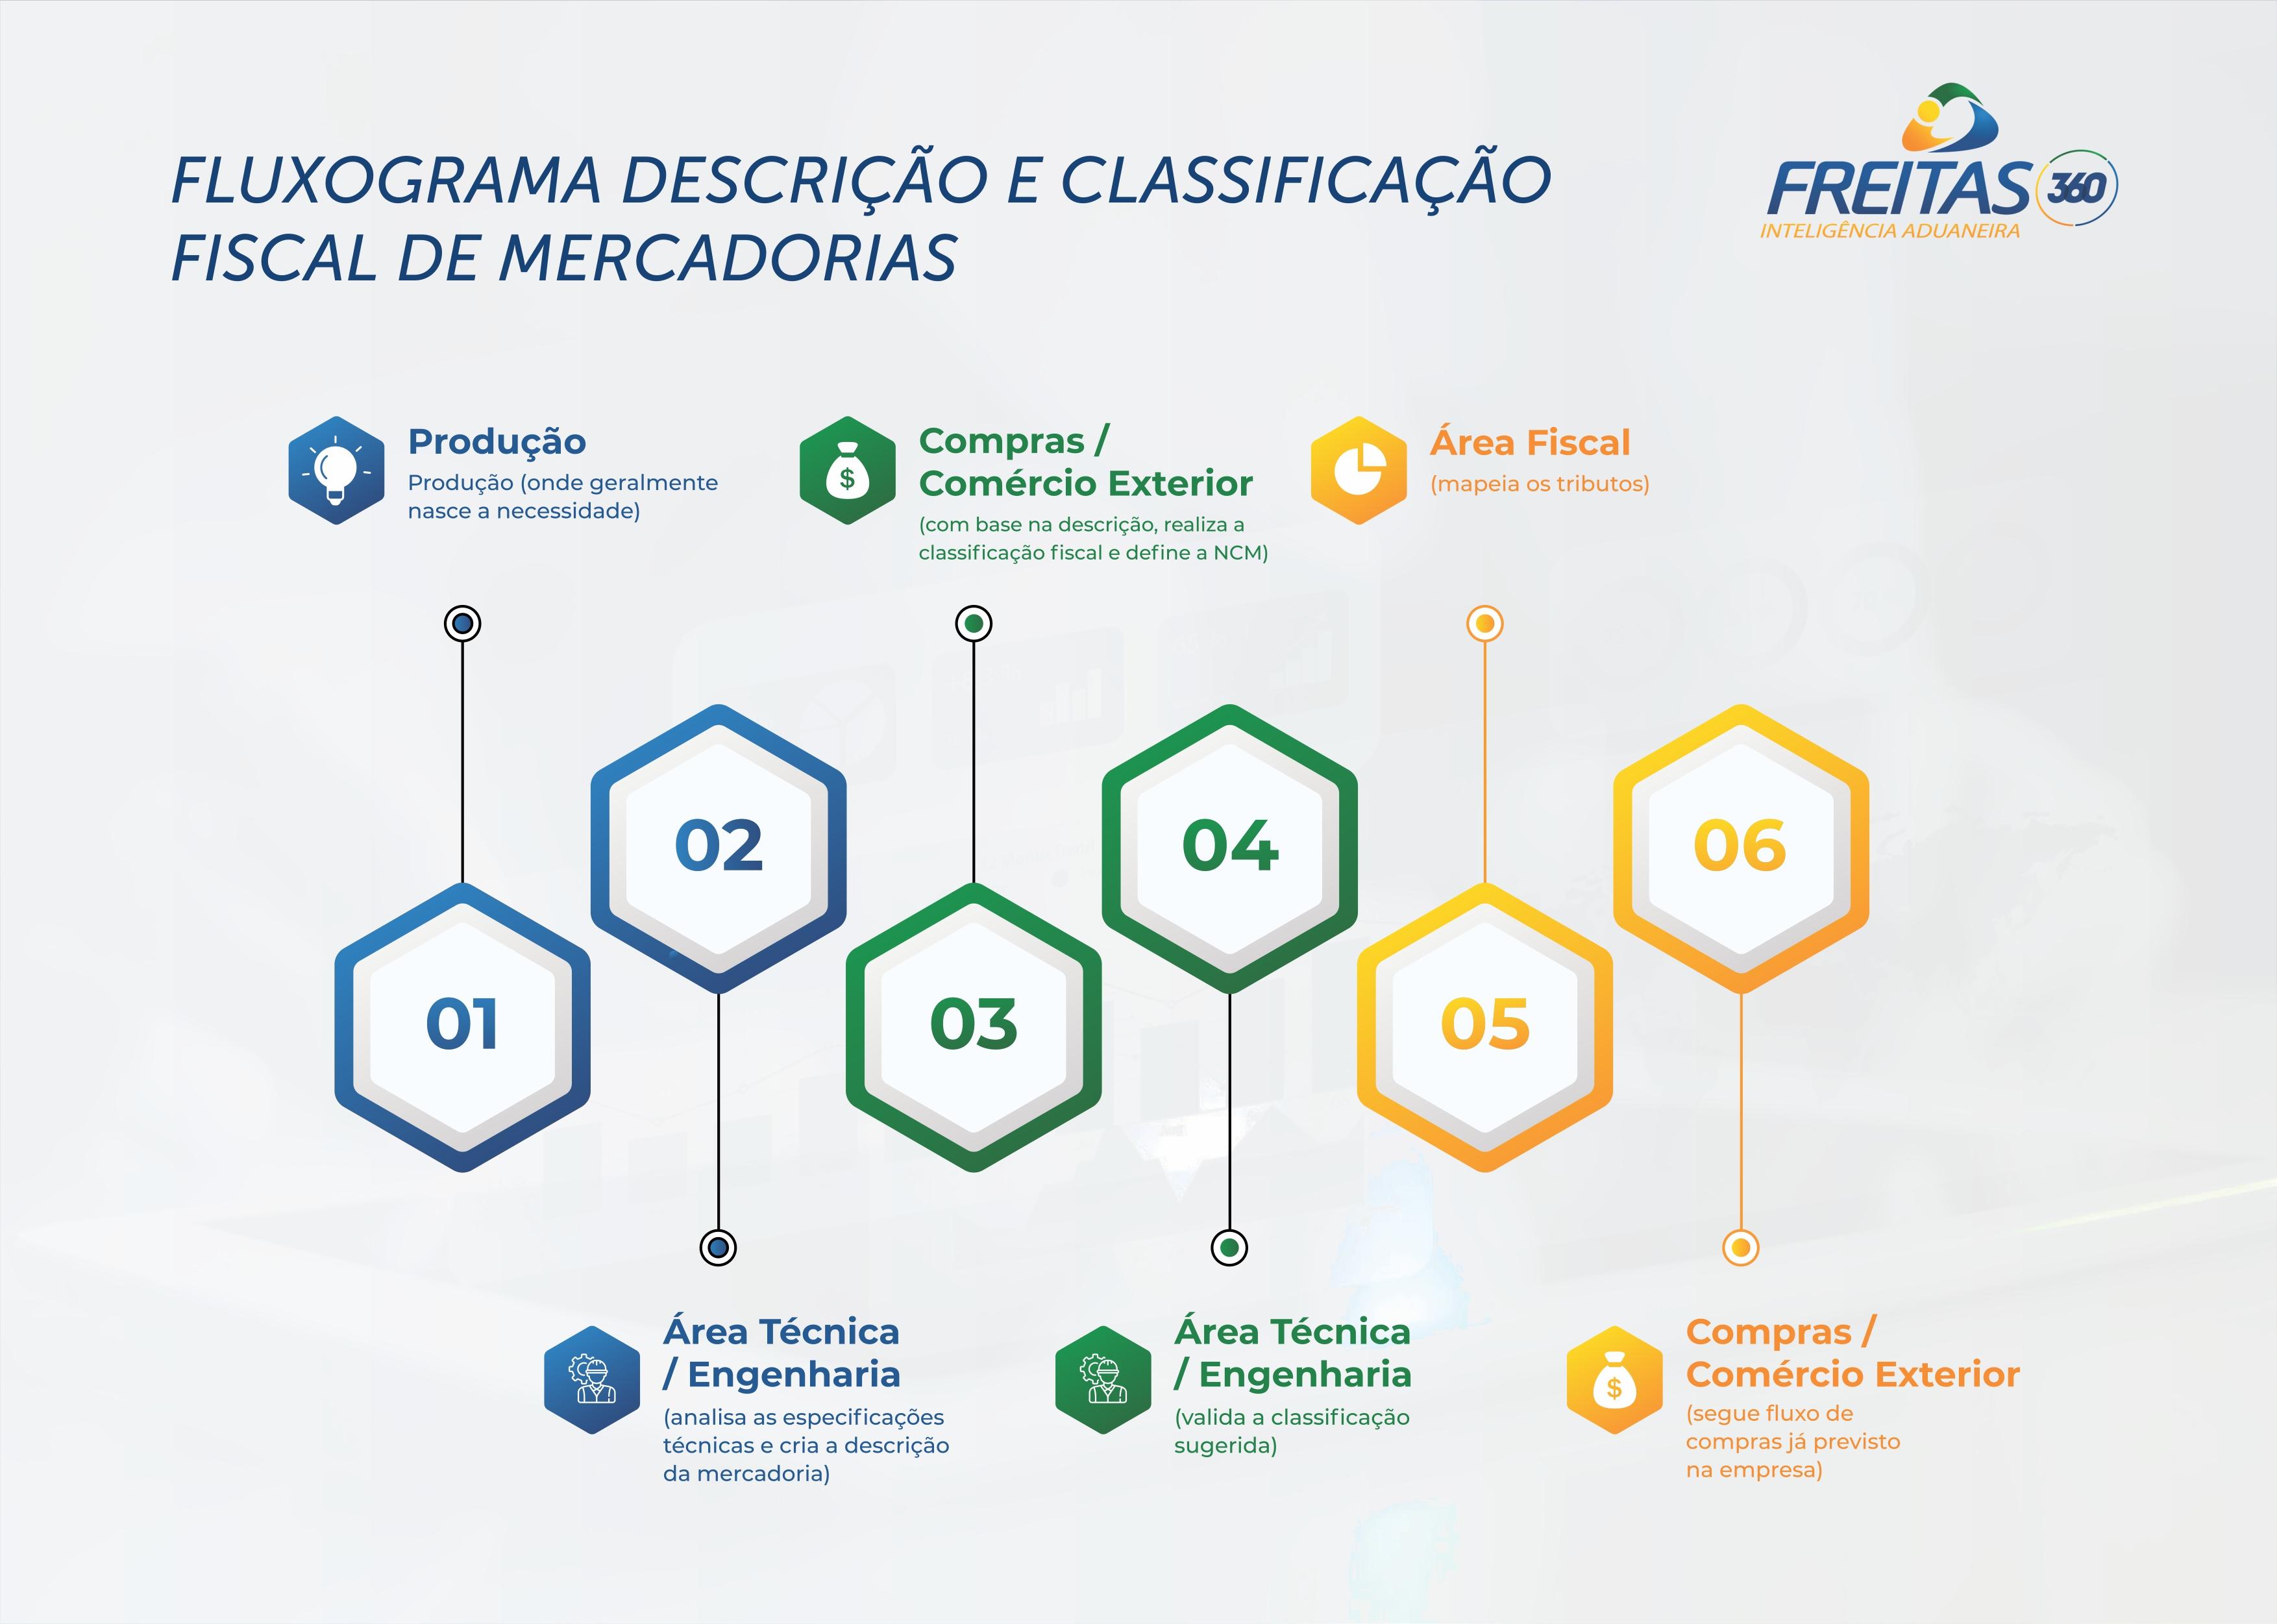 Fluxograma descrição e classificação fiscal de mercadorias